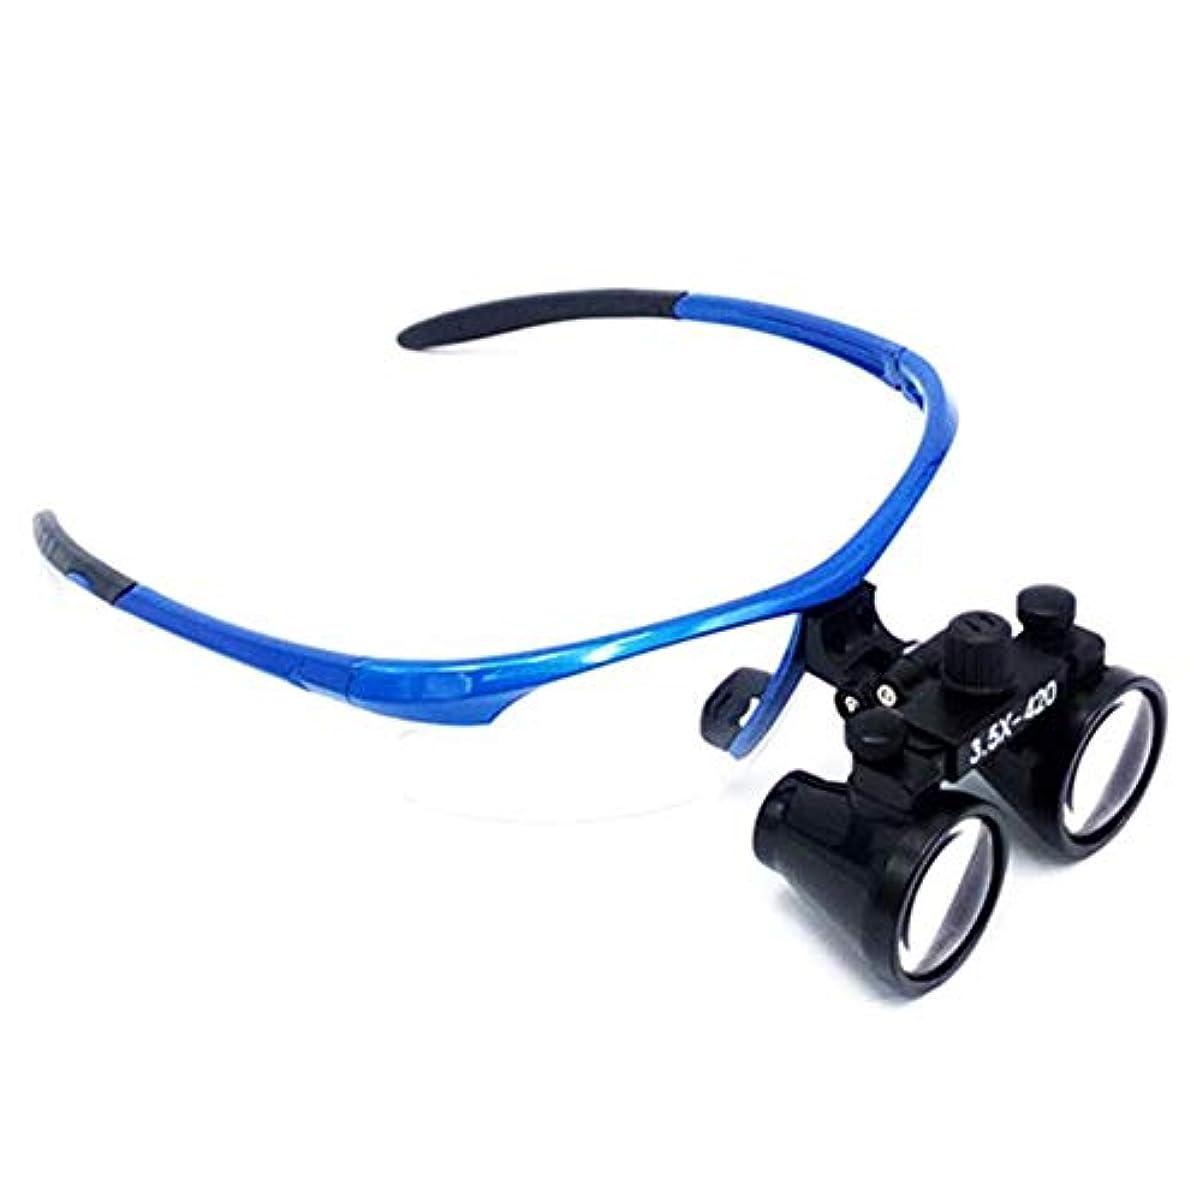 浸漬経度いま青枠プロフェッショナル双眼拡大鏡3.5倍メガネ拡大鏡